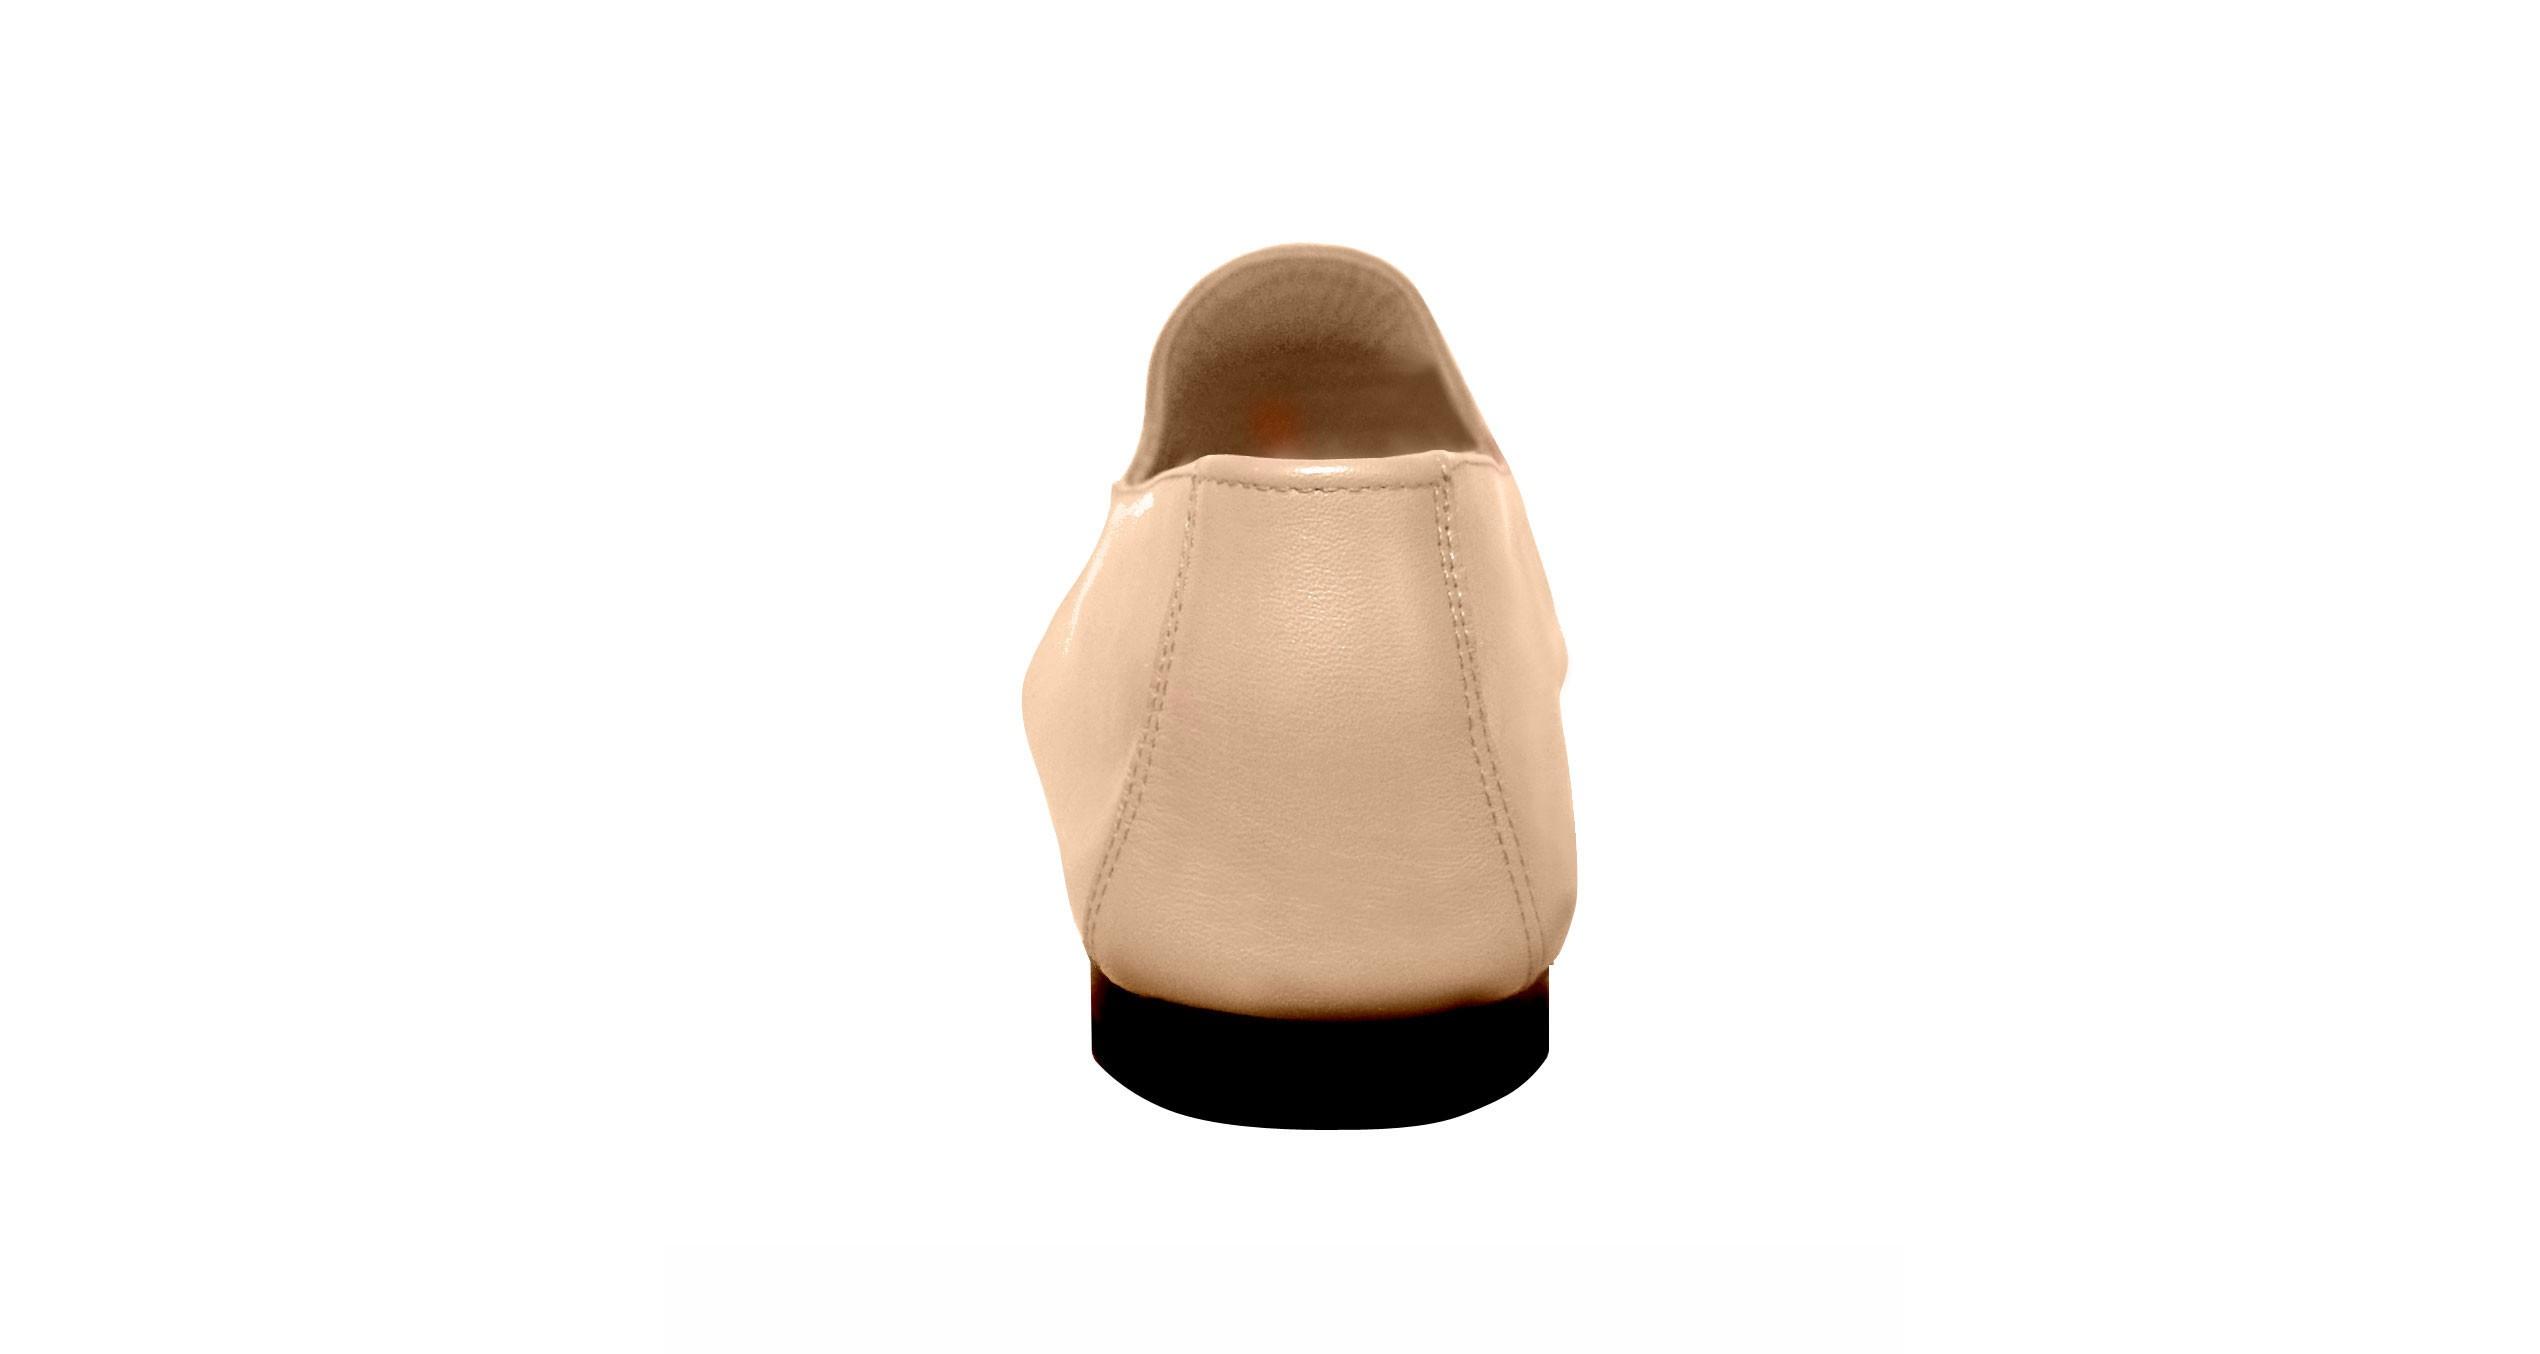 Foto 4 de Zapatos Julio Iglesias Cordon 529 JC Deserto Napa